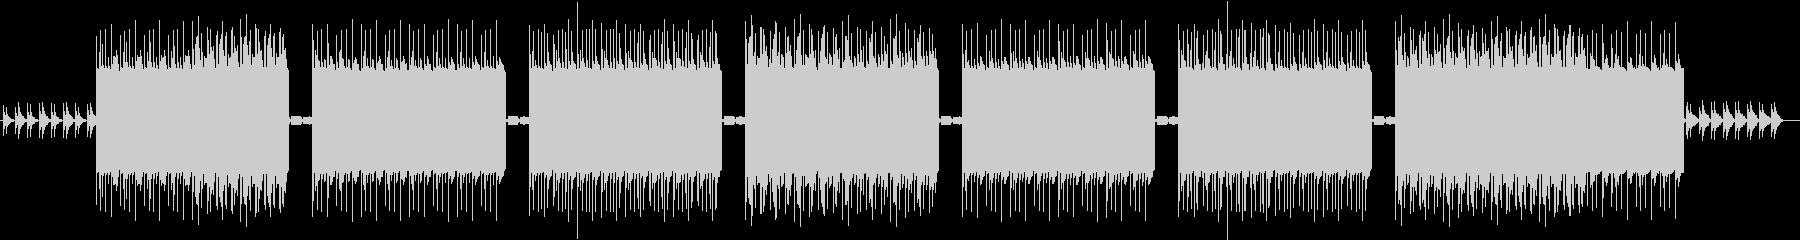 ピアノフレーズが印象的なtrapトラックの未再生の波形